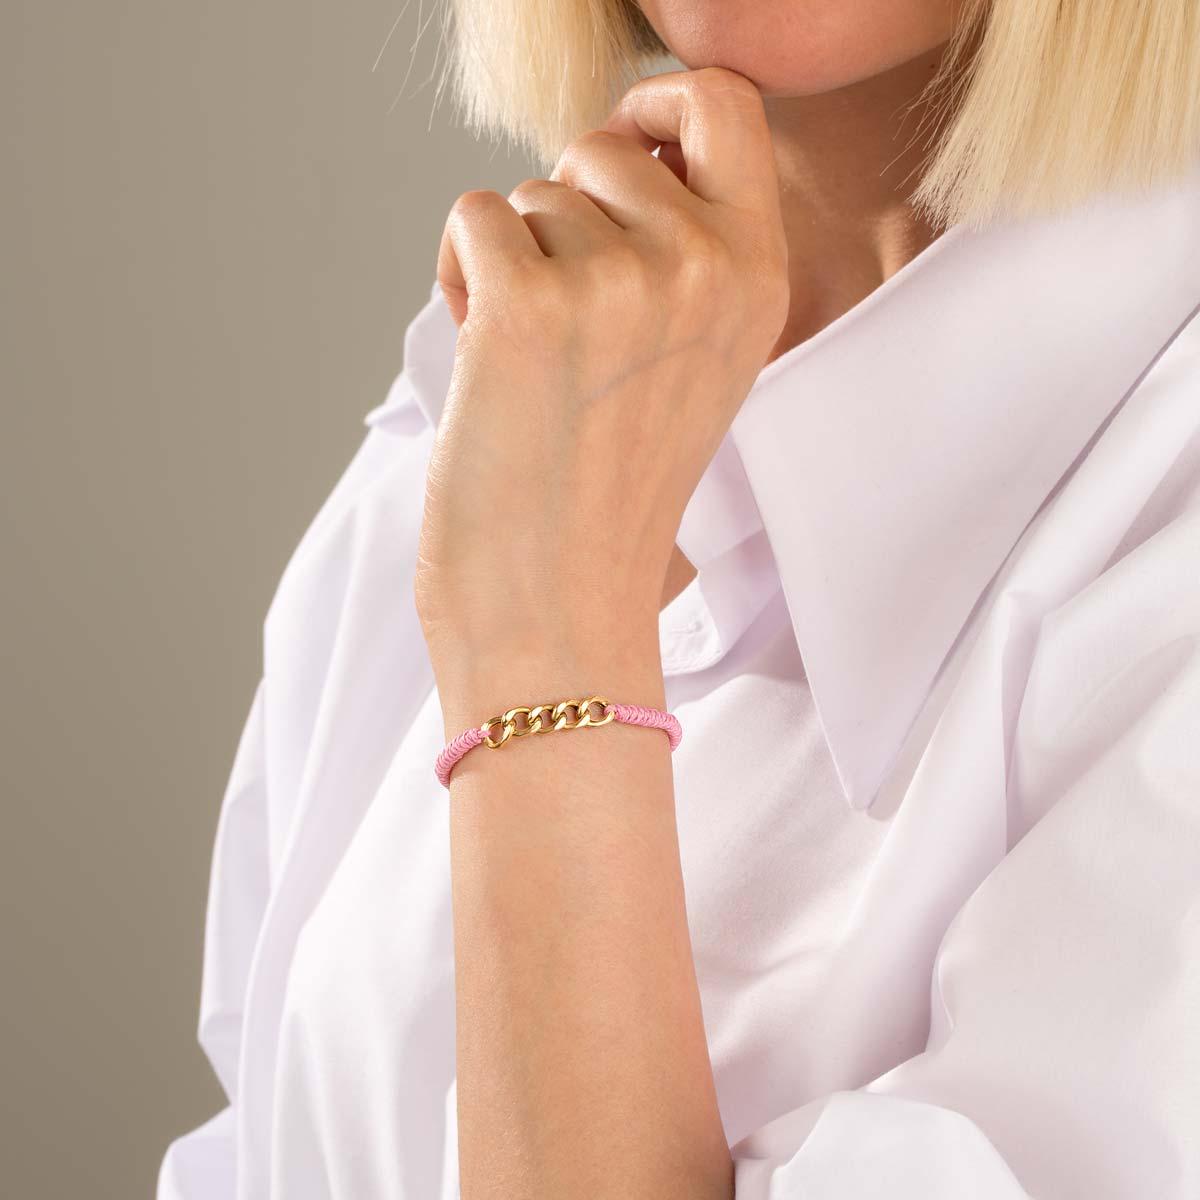 دستبند طلا بافت صورتی پنج حلقه کارتیه